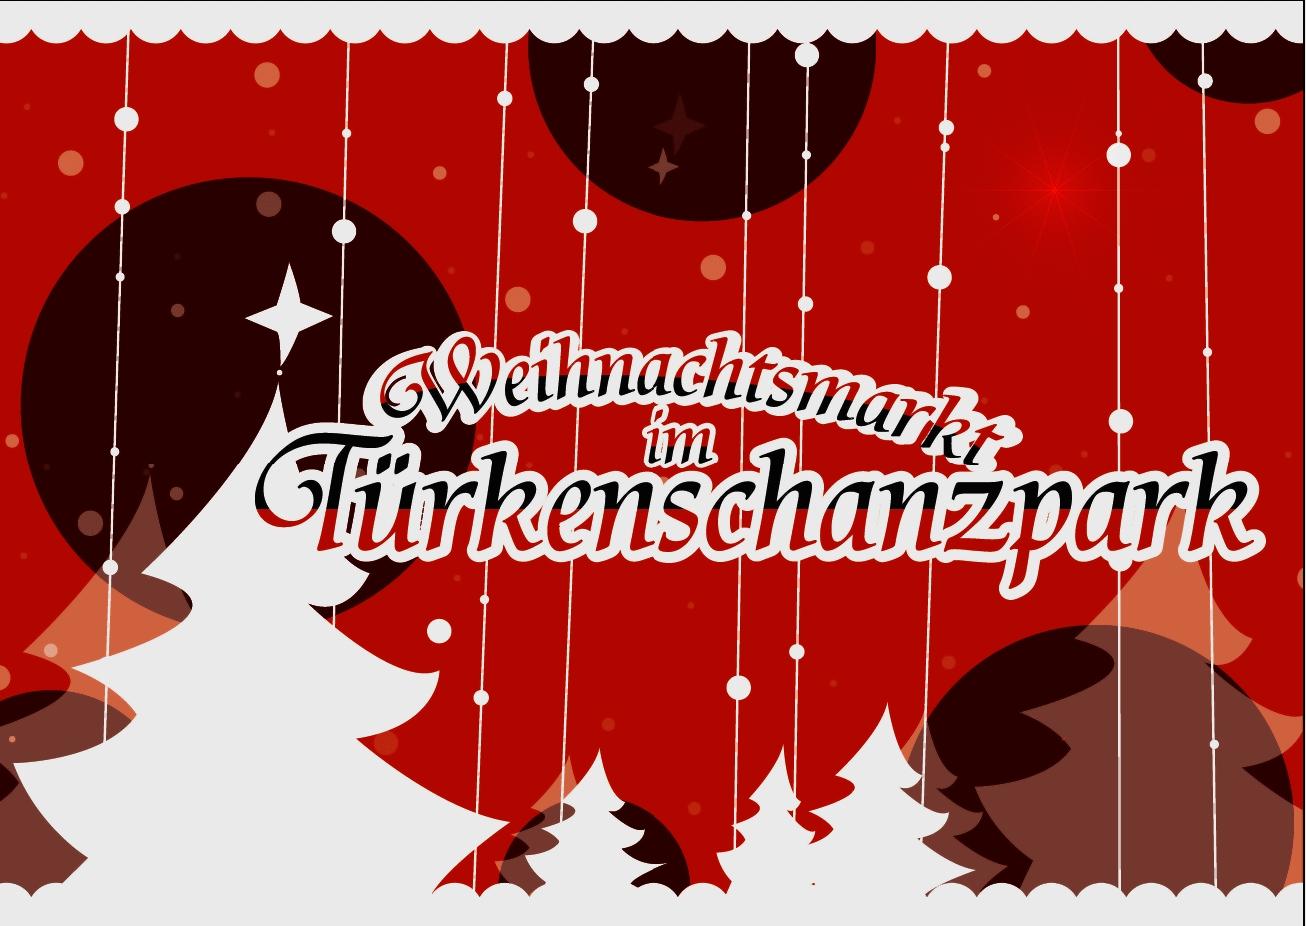 Weihnachtsmarkt Türkenschanzpark: 5x Punsch/Glühwein um 10 € statt 20 €